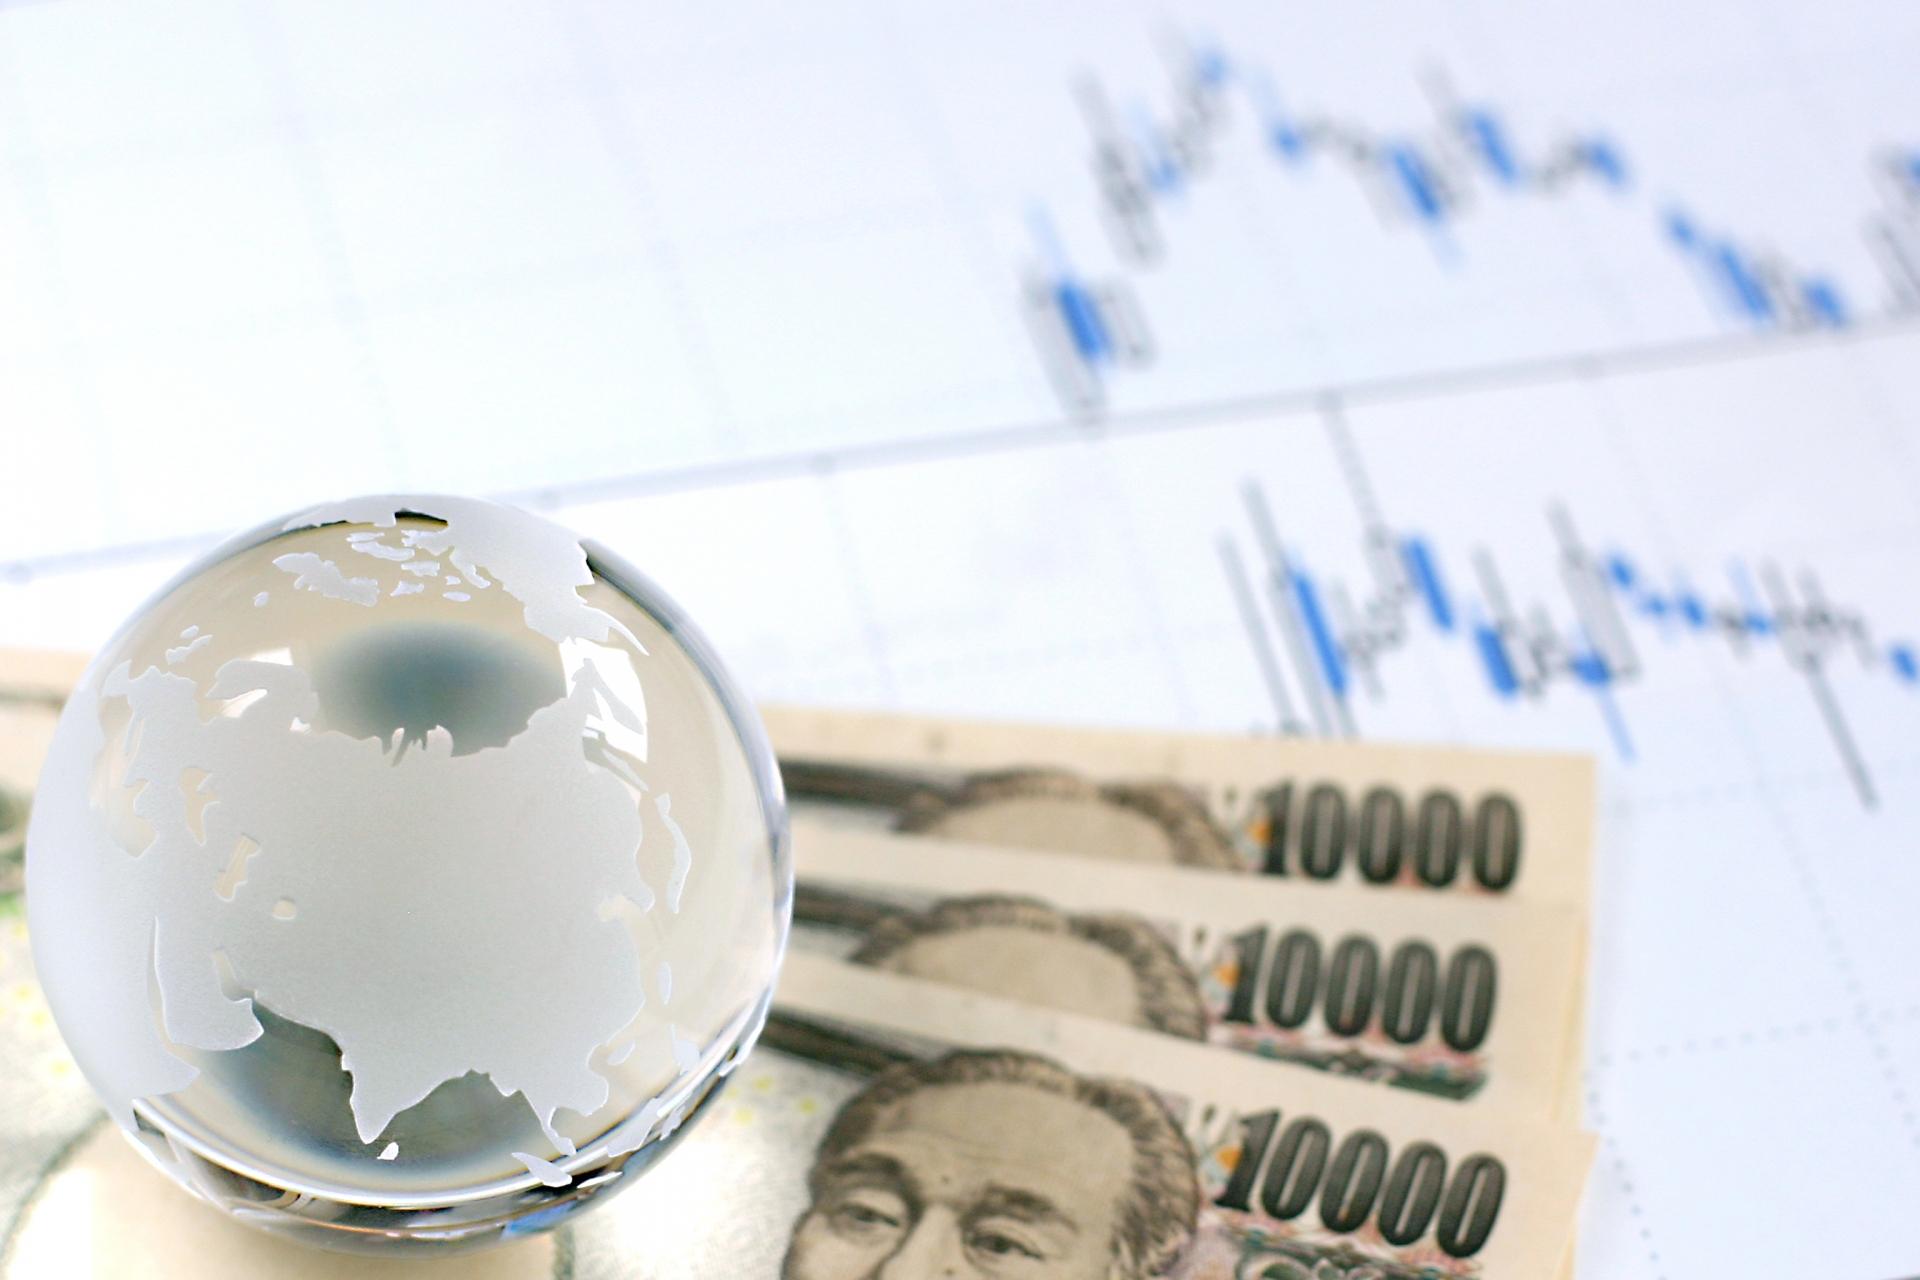 ローリスクな投資でもお金は増える?